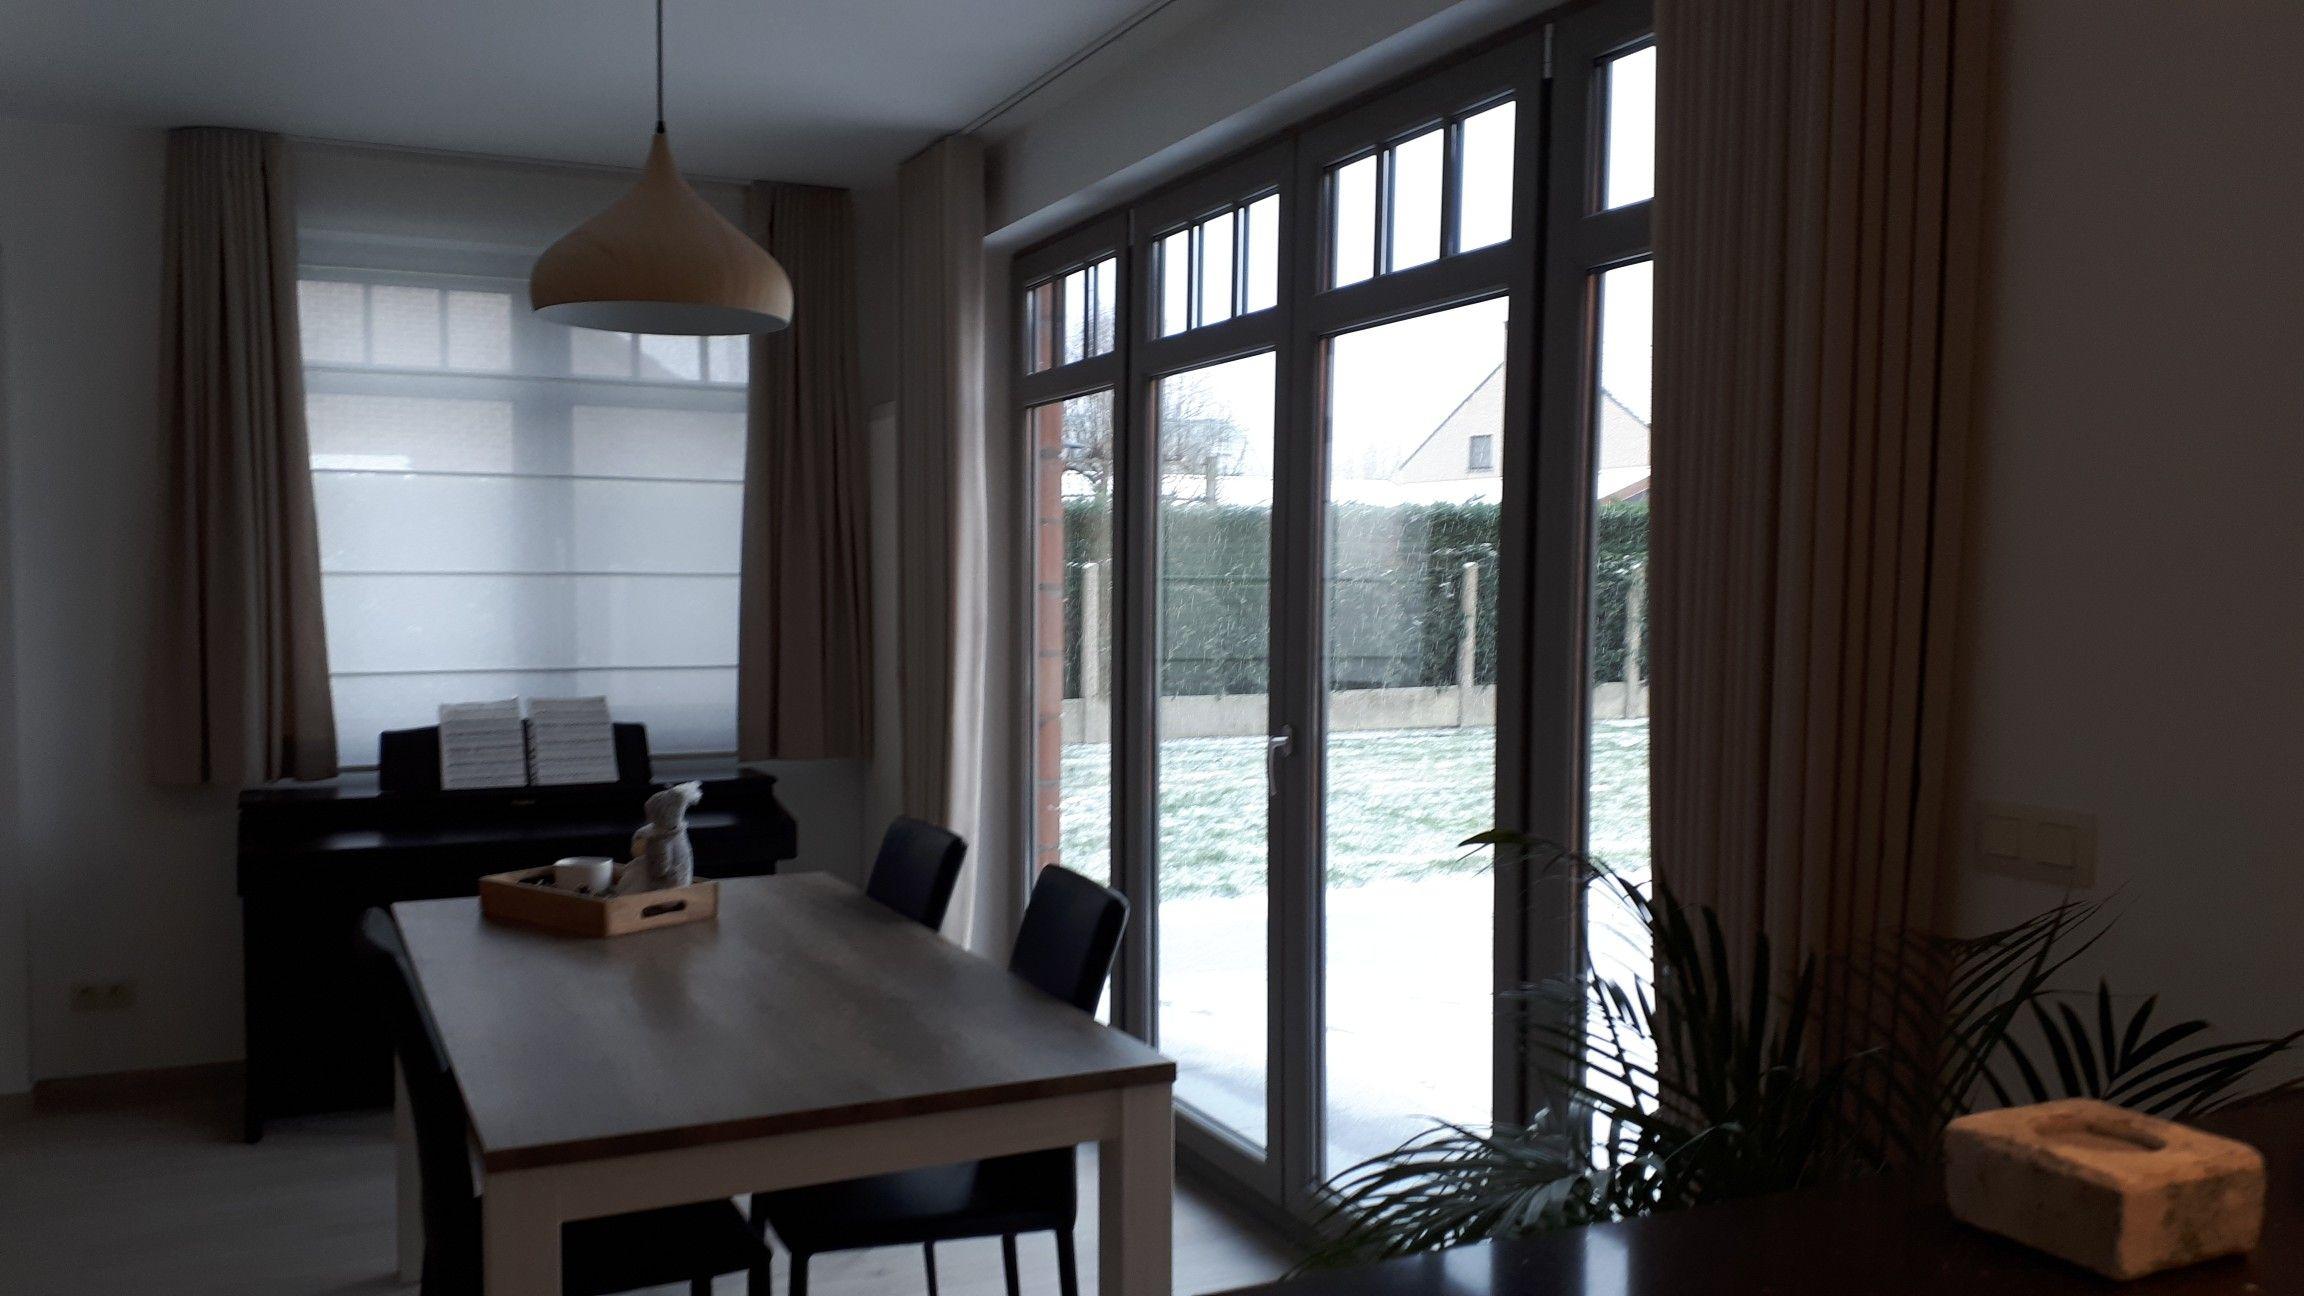 Inside blinds vouwgordijnen met inside blinds